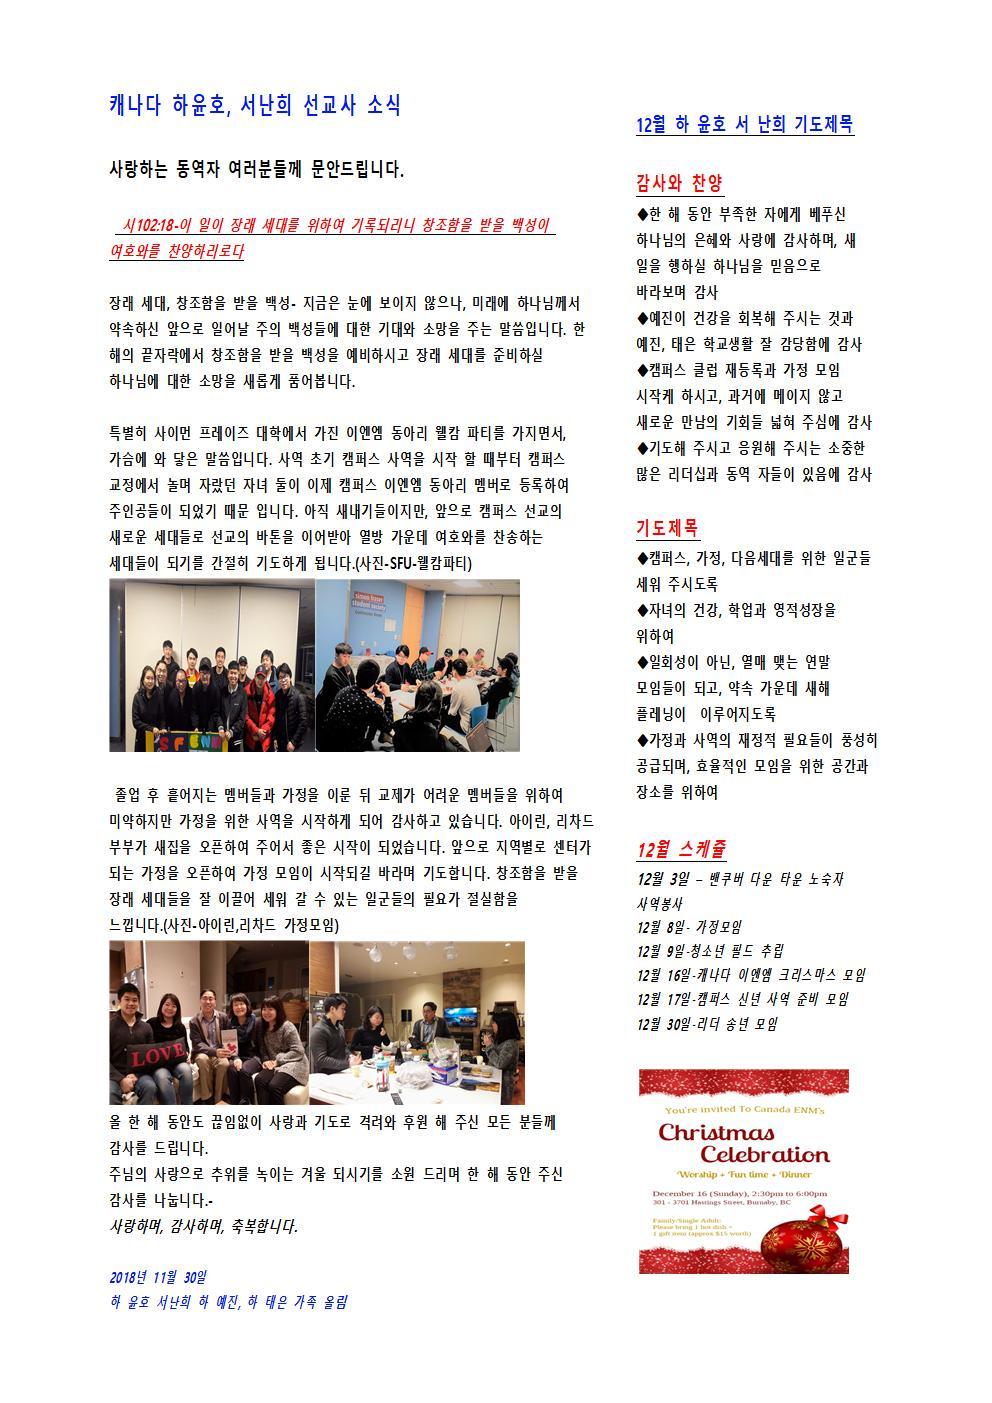 2018년 12월- 하윤호 선교사부부 기도편지(캐나다)001.jpg